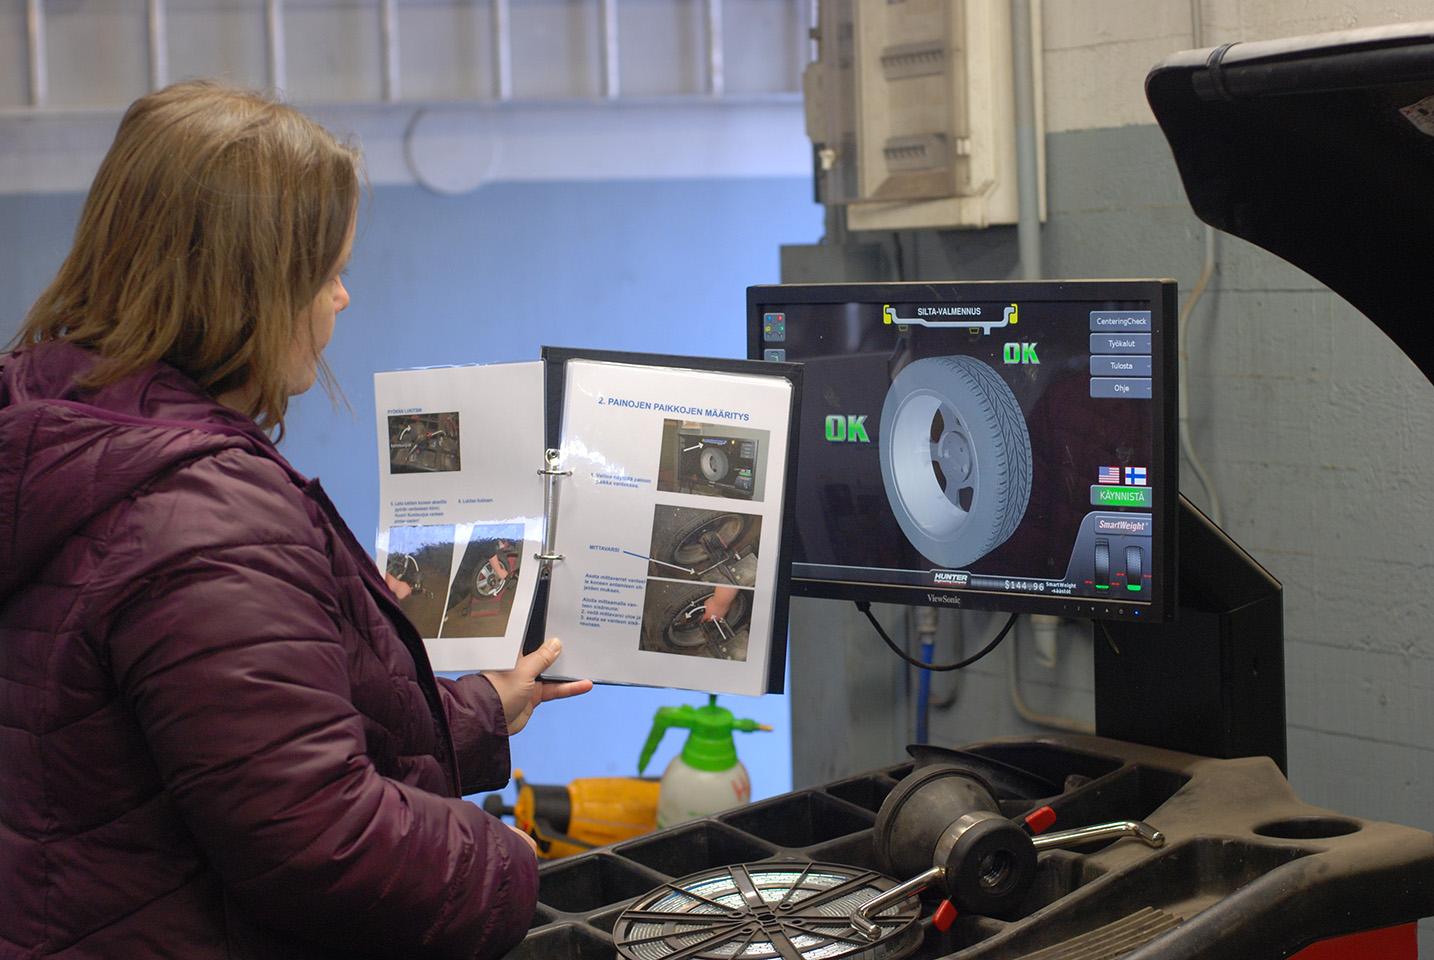 nainen katsoo graafista ohjetta opetuskorjaamolla